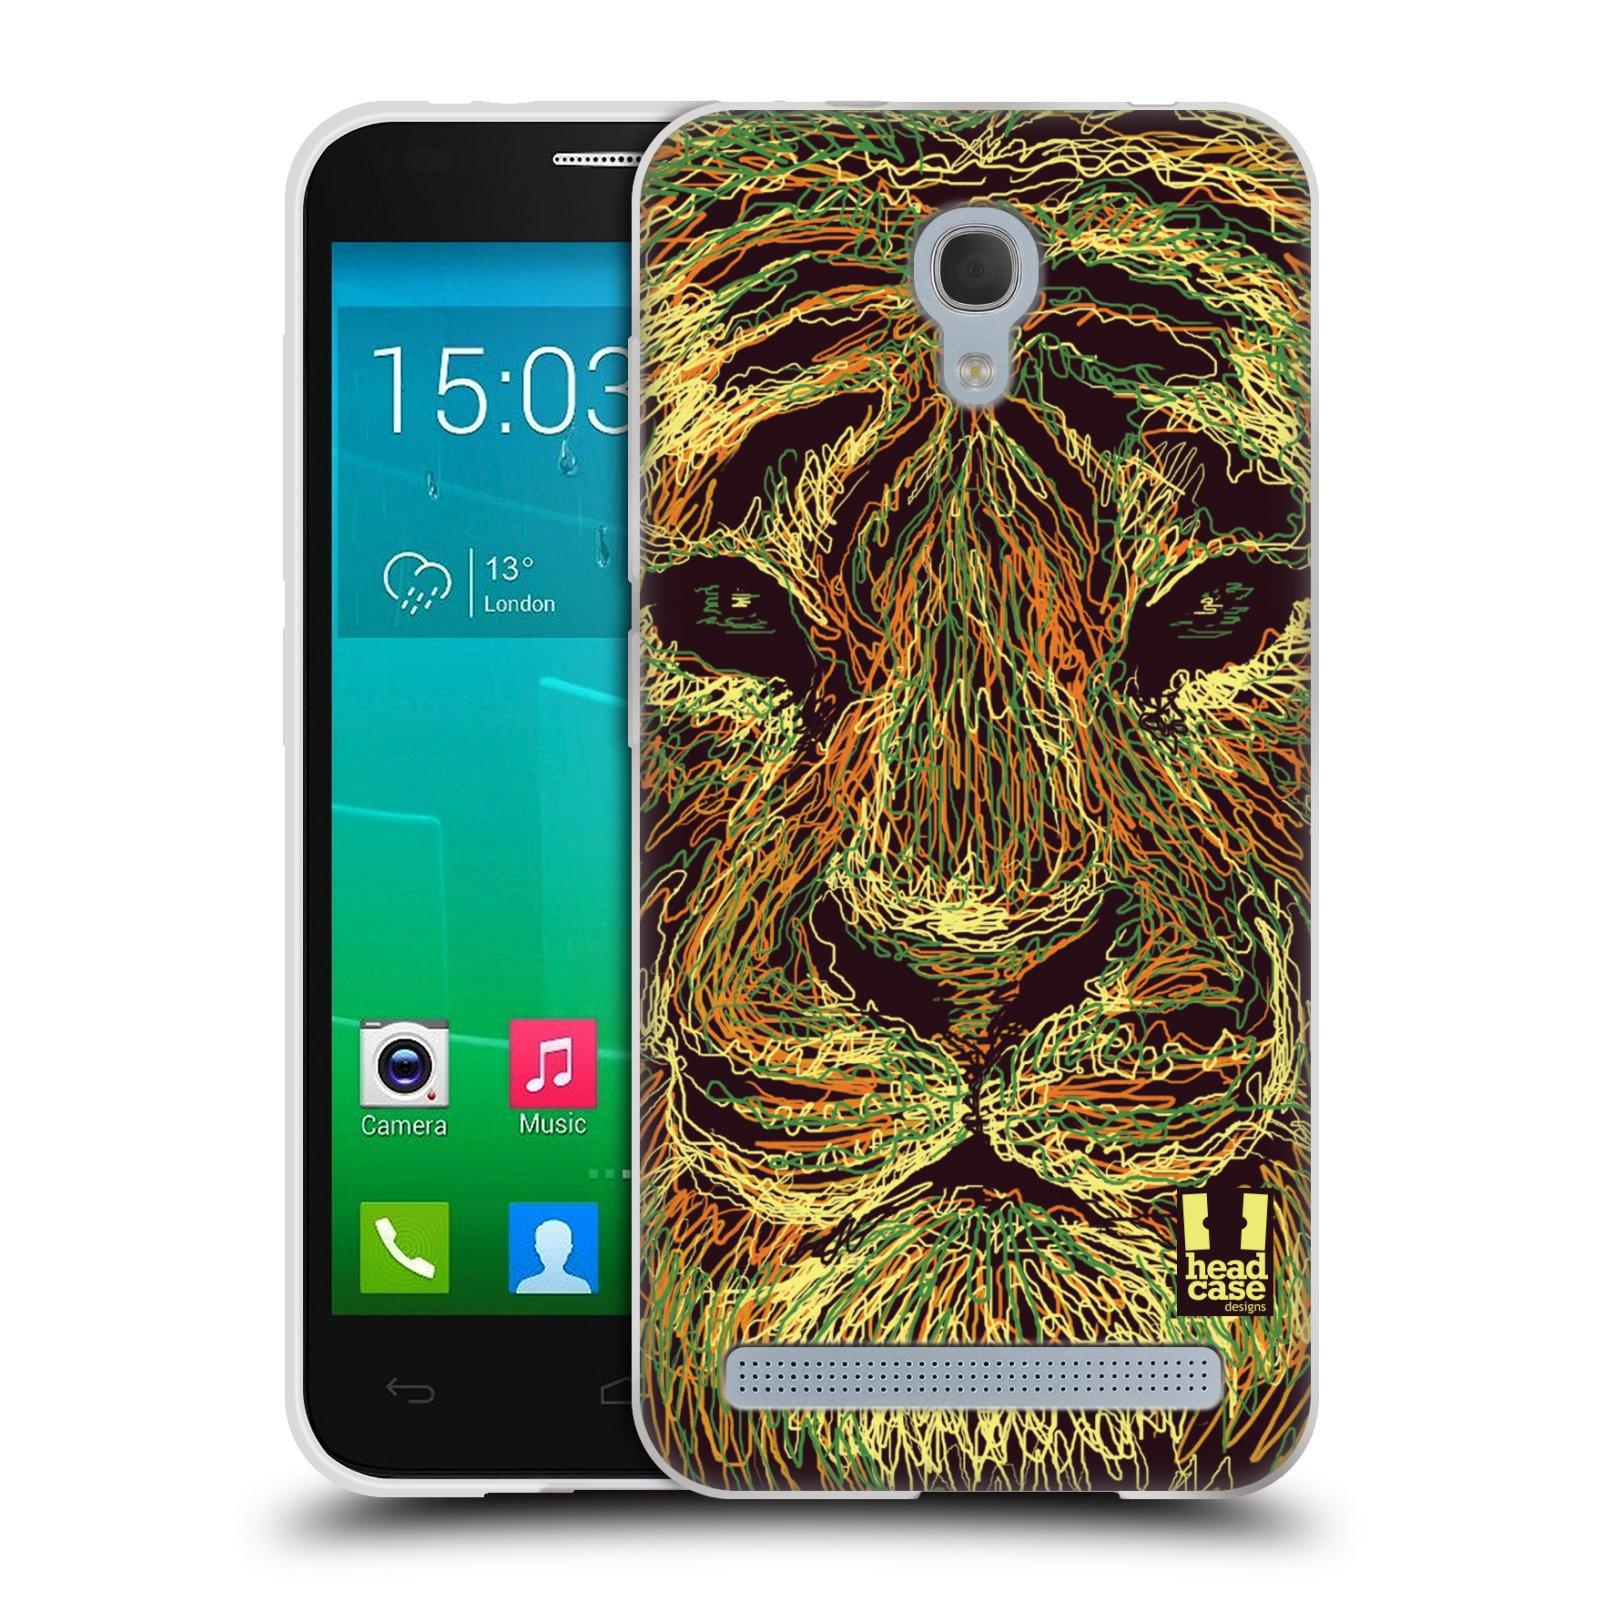 HEAD CASE silikonový obal na mobil Alcatel Idol 2 MINI S 6036Y vzor zvíře čmáranice tygr